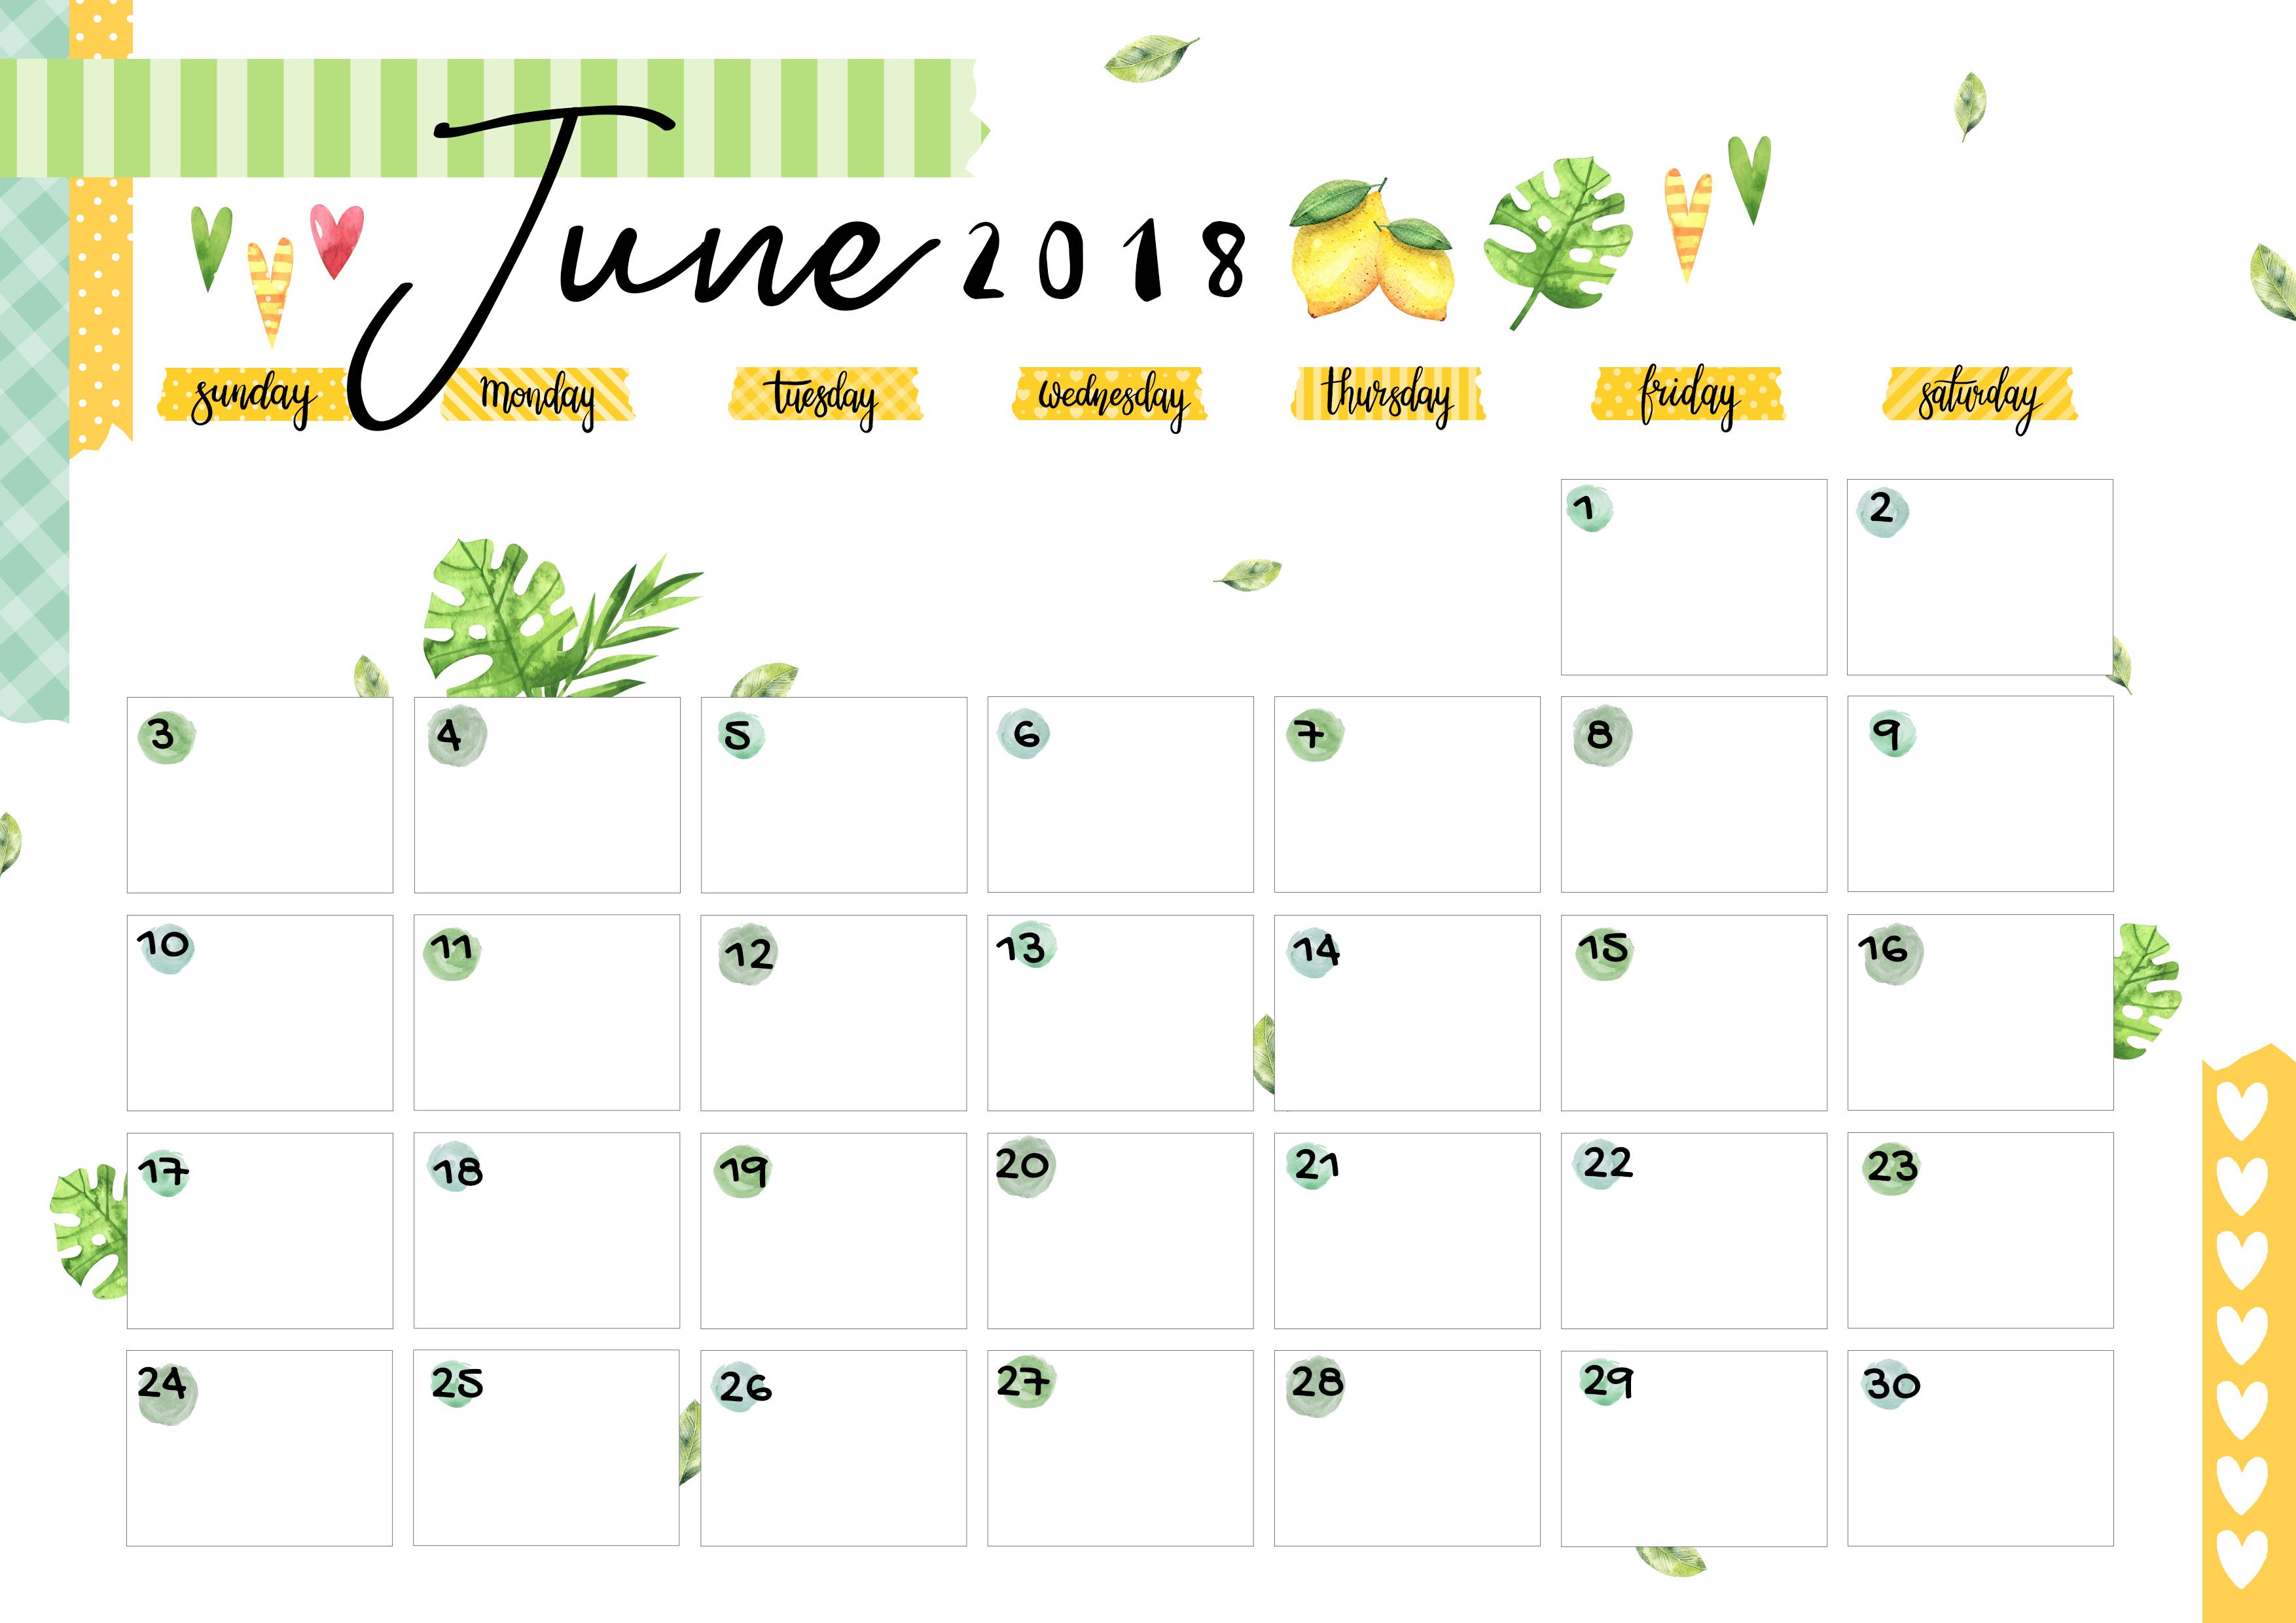 June 2018 Printable Colorful Calendar